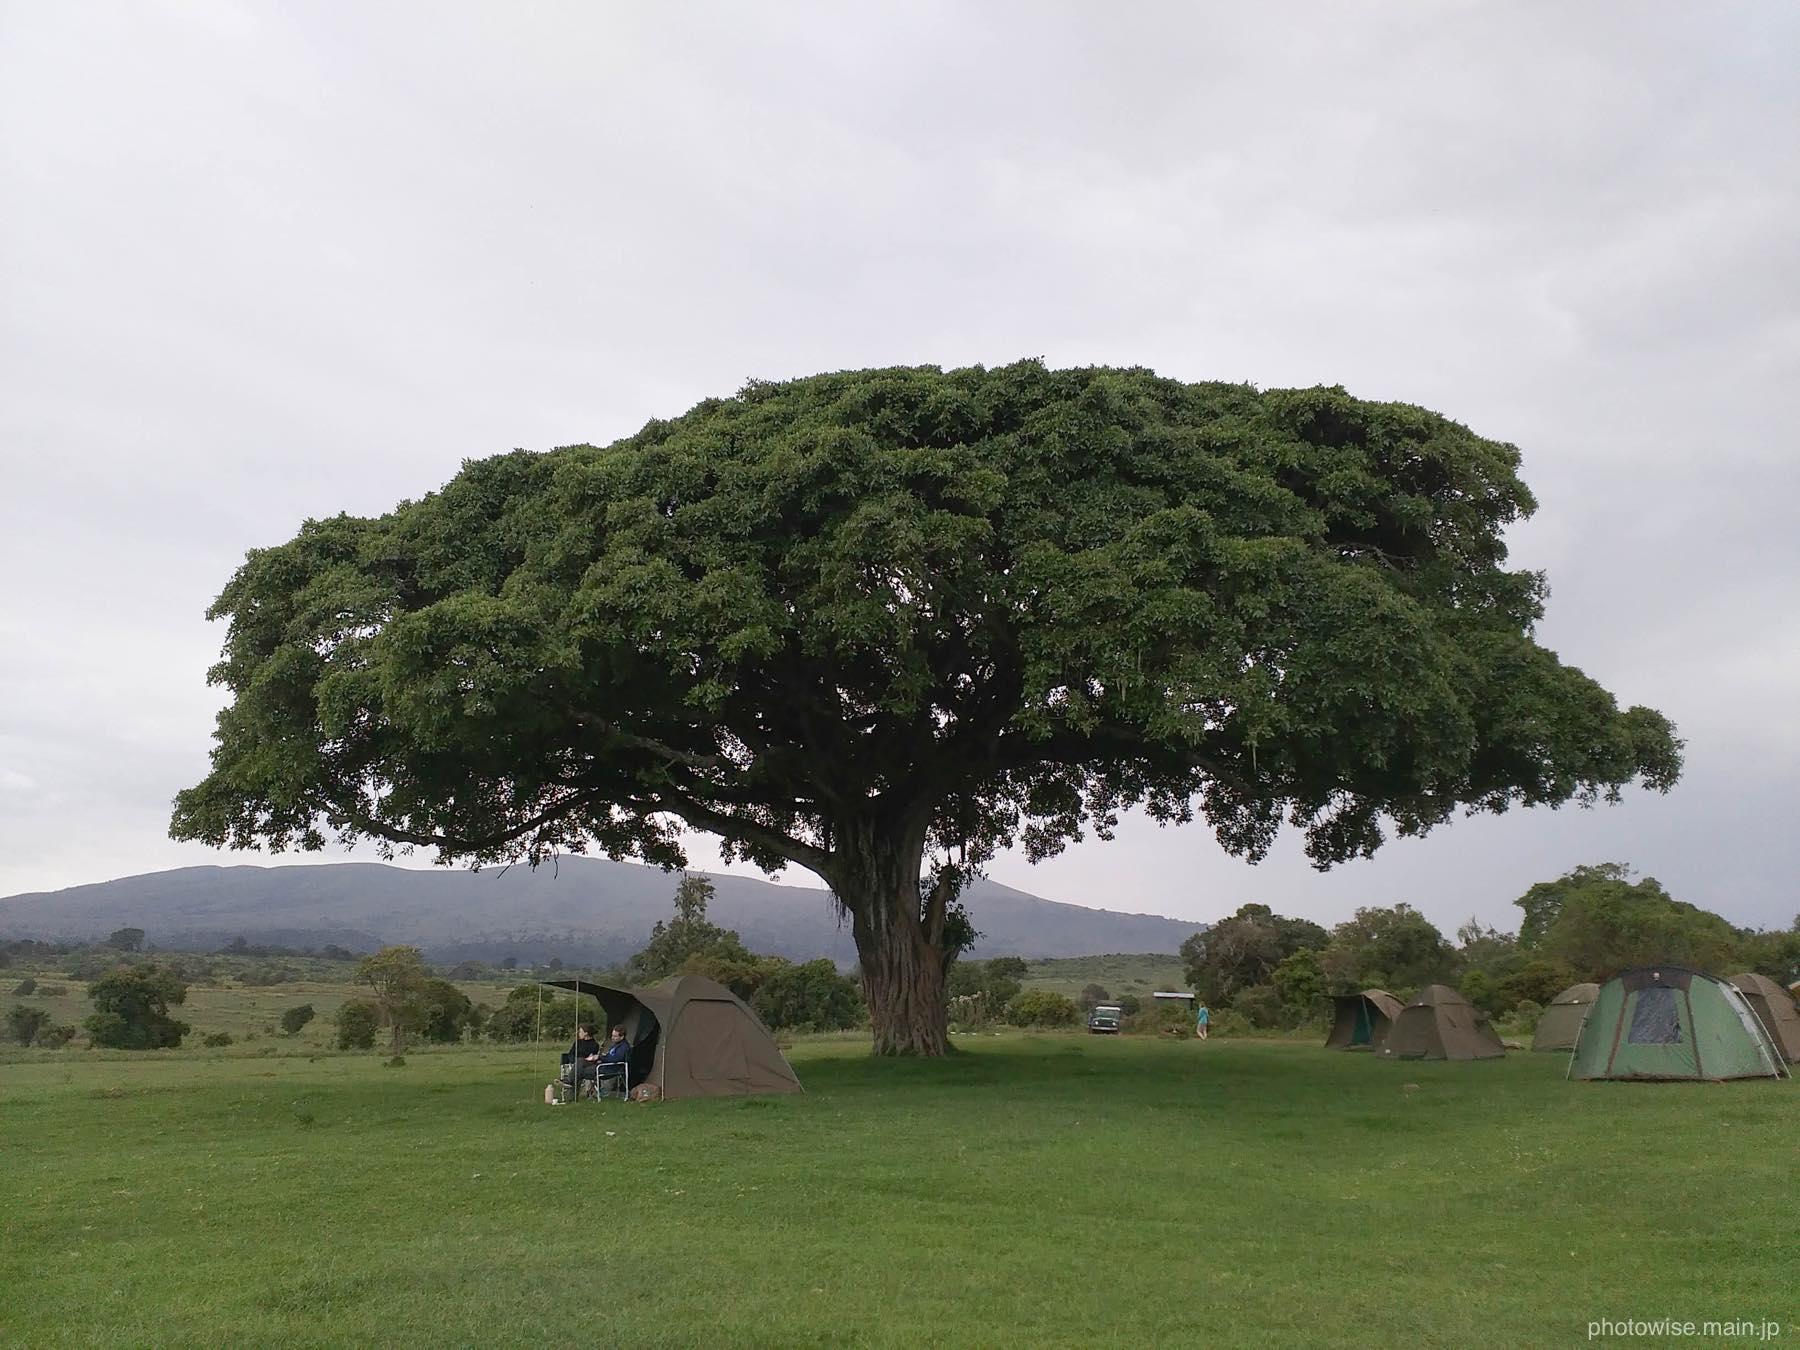 ンゴロンゴロのキャンプサイト